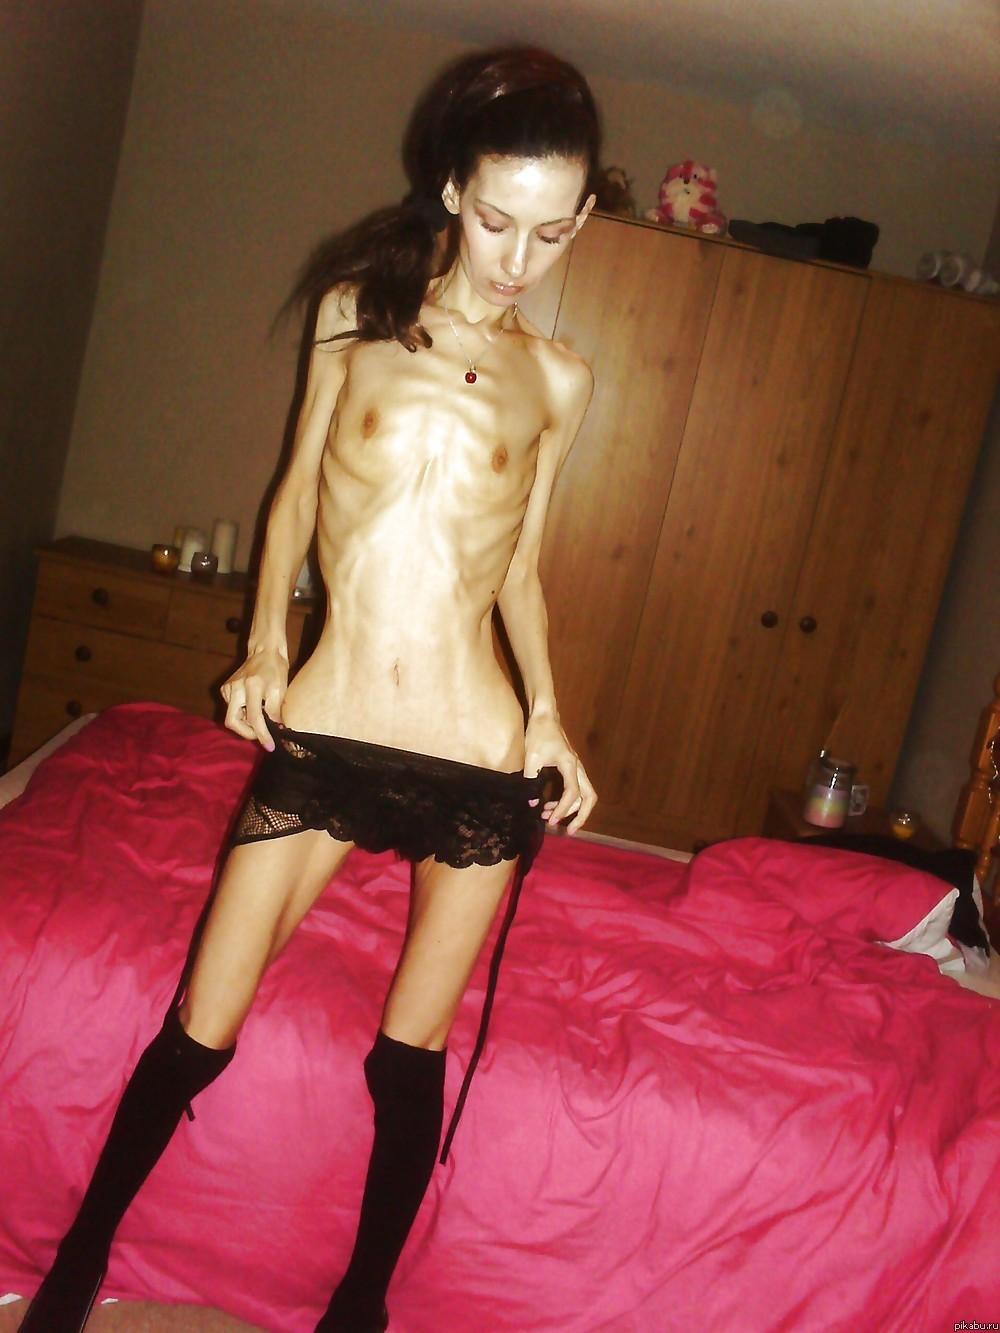 Злая картинка для постоянно худеющих девушек( Цветущие и весёлые